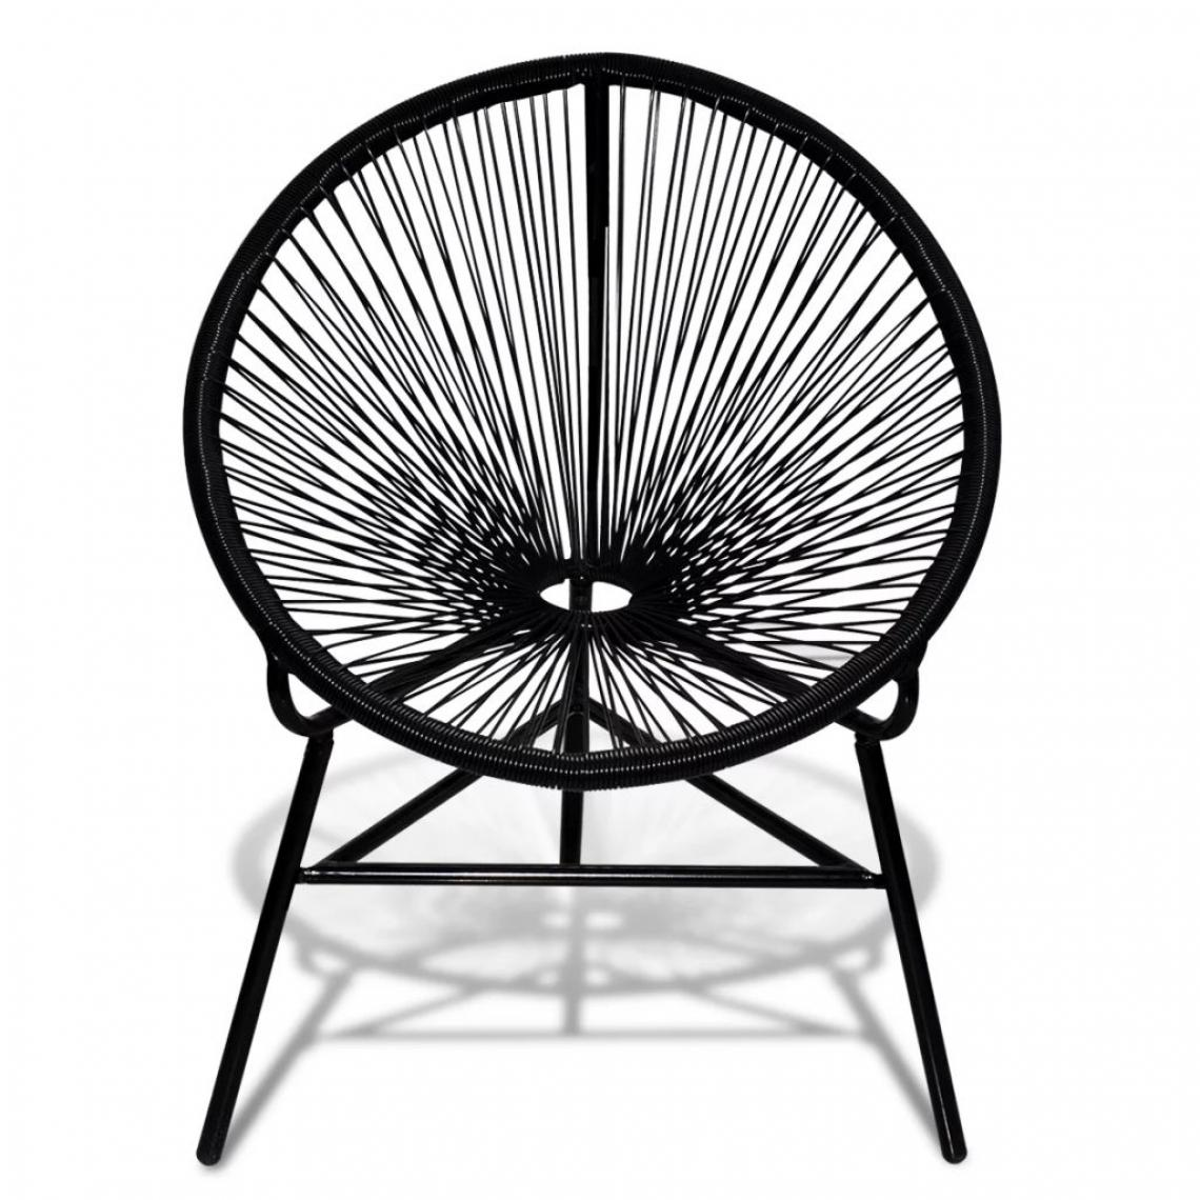 Vidaxl Chaise ovale noire en polyrotin - Noir